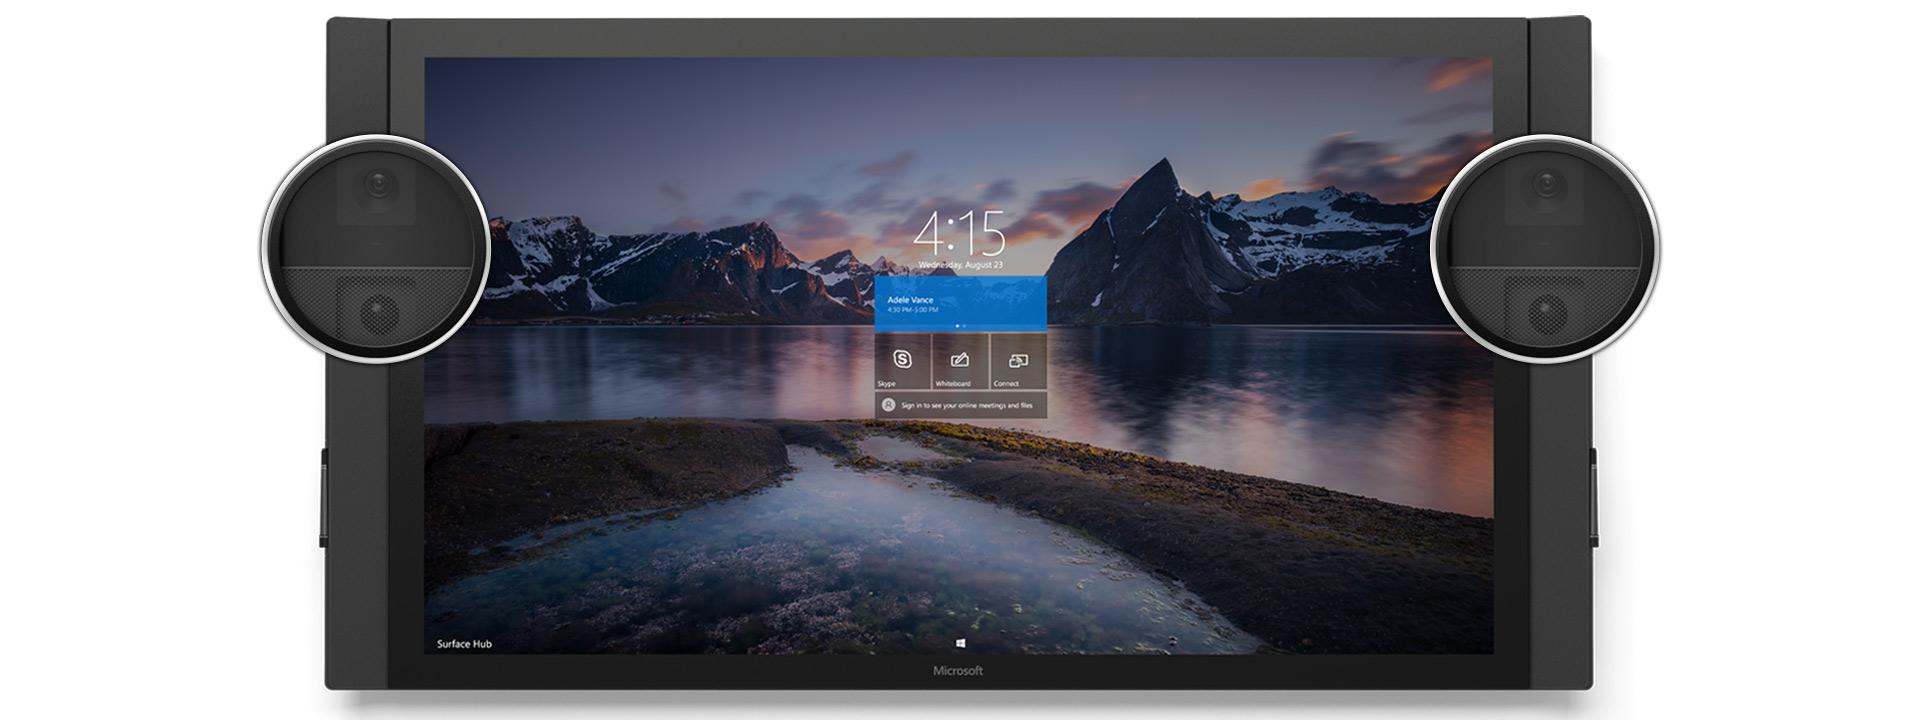 Vorderansicht von Surface Hub mit Naturpanorama als Startbildschirm, mit vergrößerten Kameras und Sensoren.